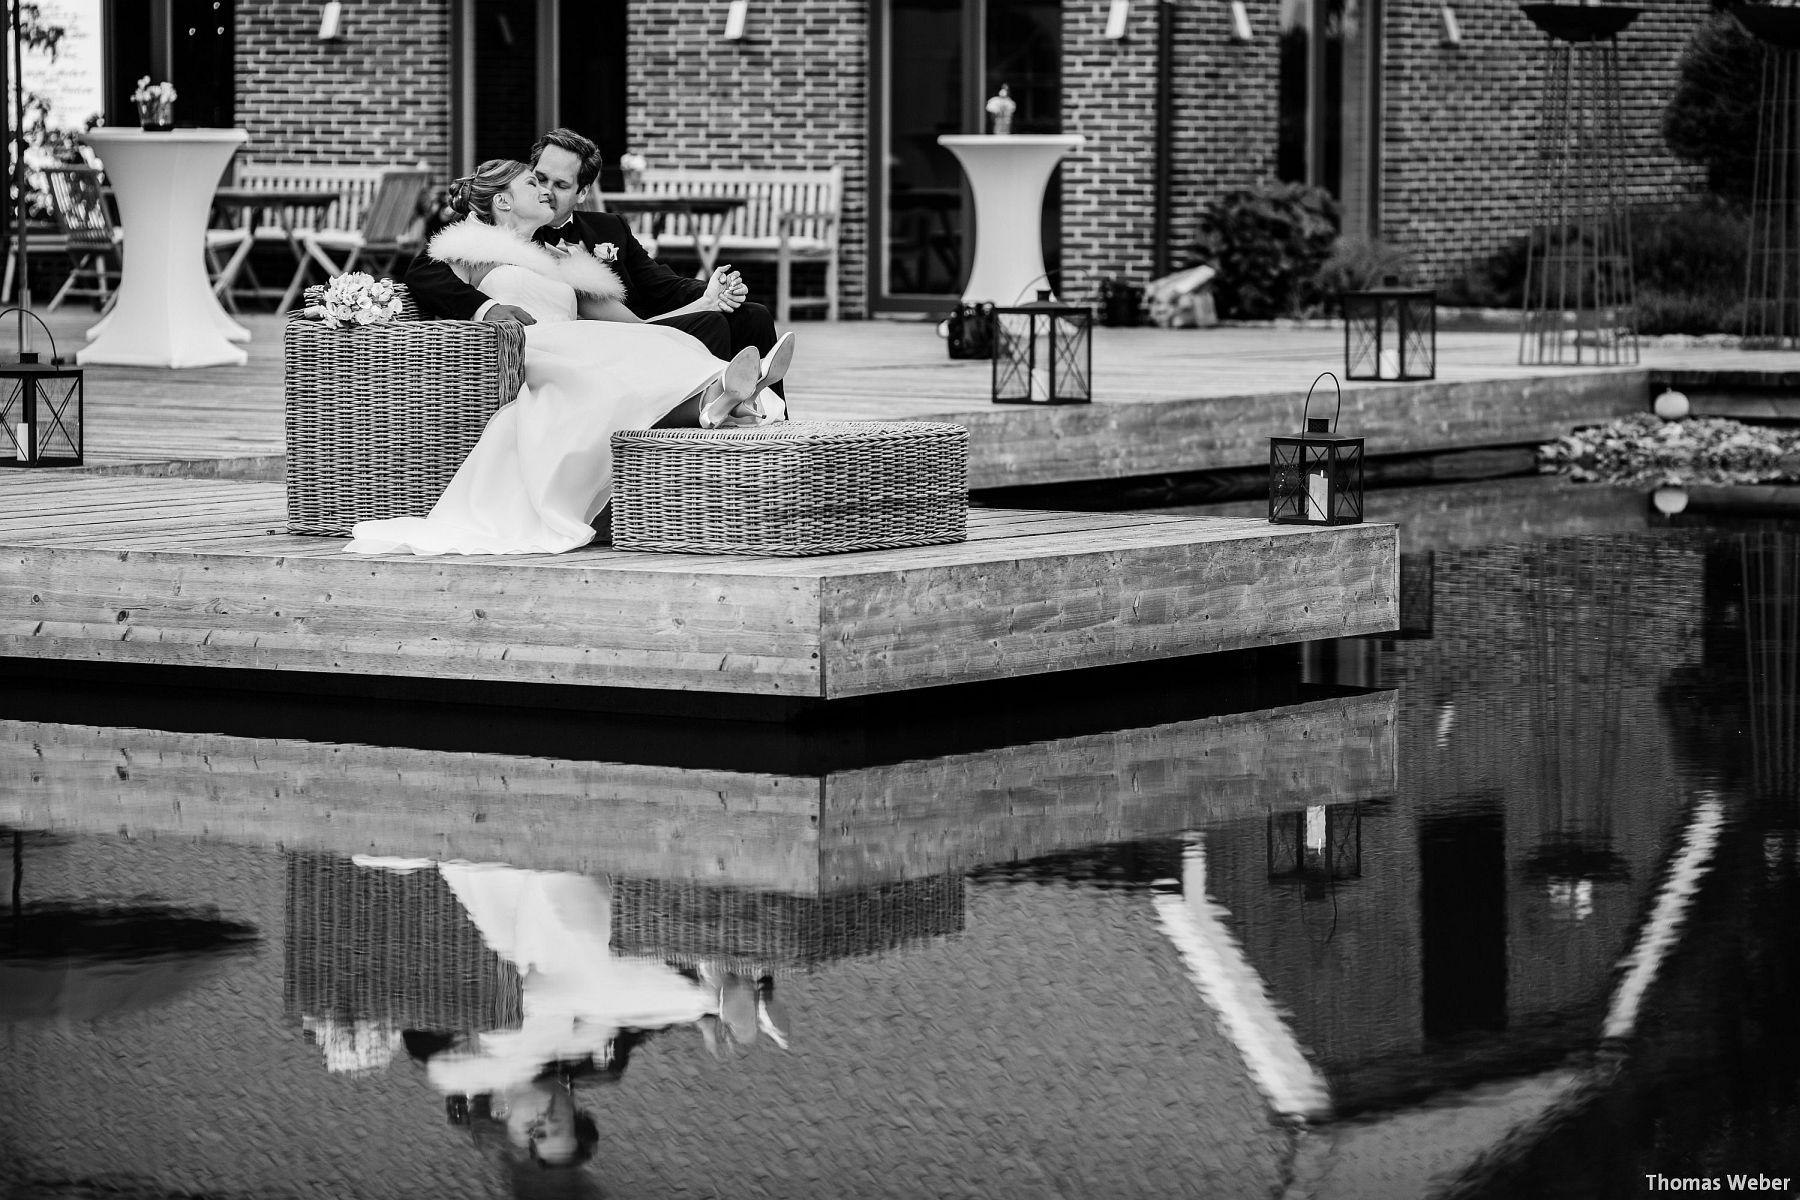 Hochzeitsfotograf Rastede: Kirchliche Trauung in der St. Ulrichs Kirche Rastede und Hochzeitsfeier in der Eventscheune St Georg Rastede mit dem Catering von Split Food (Michael Niebuhr) aus Oldenburg (37)